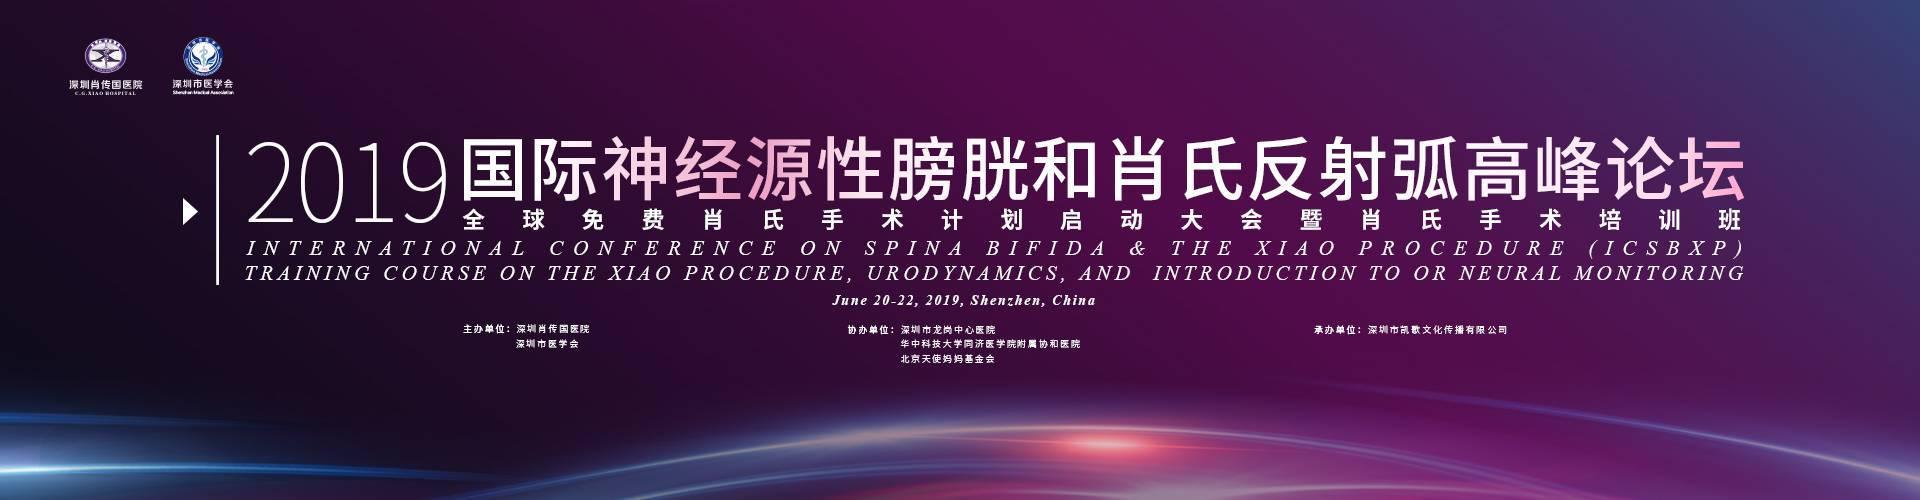 国际神经源性膀胱和肖氏反射弧高峰论坛